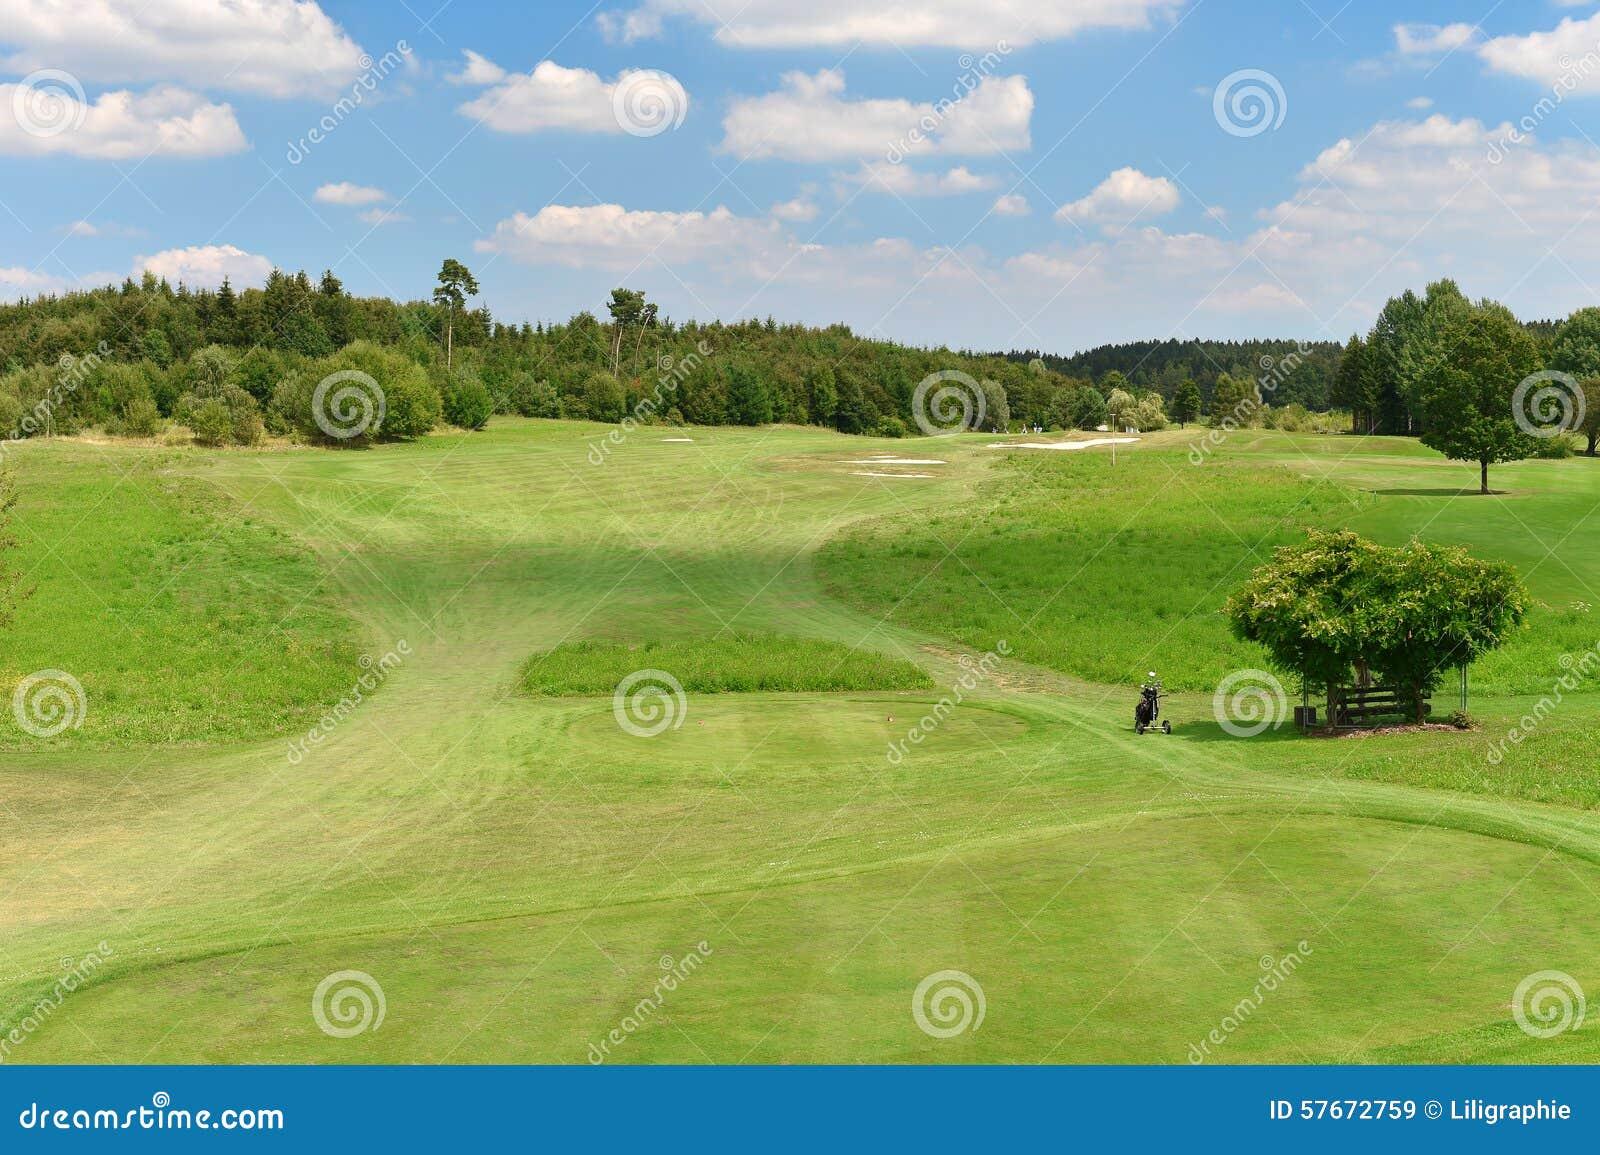 Zielony pole golfowe i błękitny chmurny niebo Odpowiada z drzewa landscap